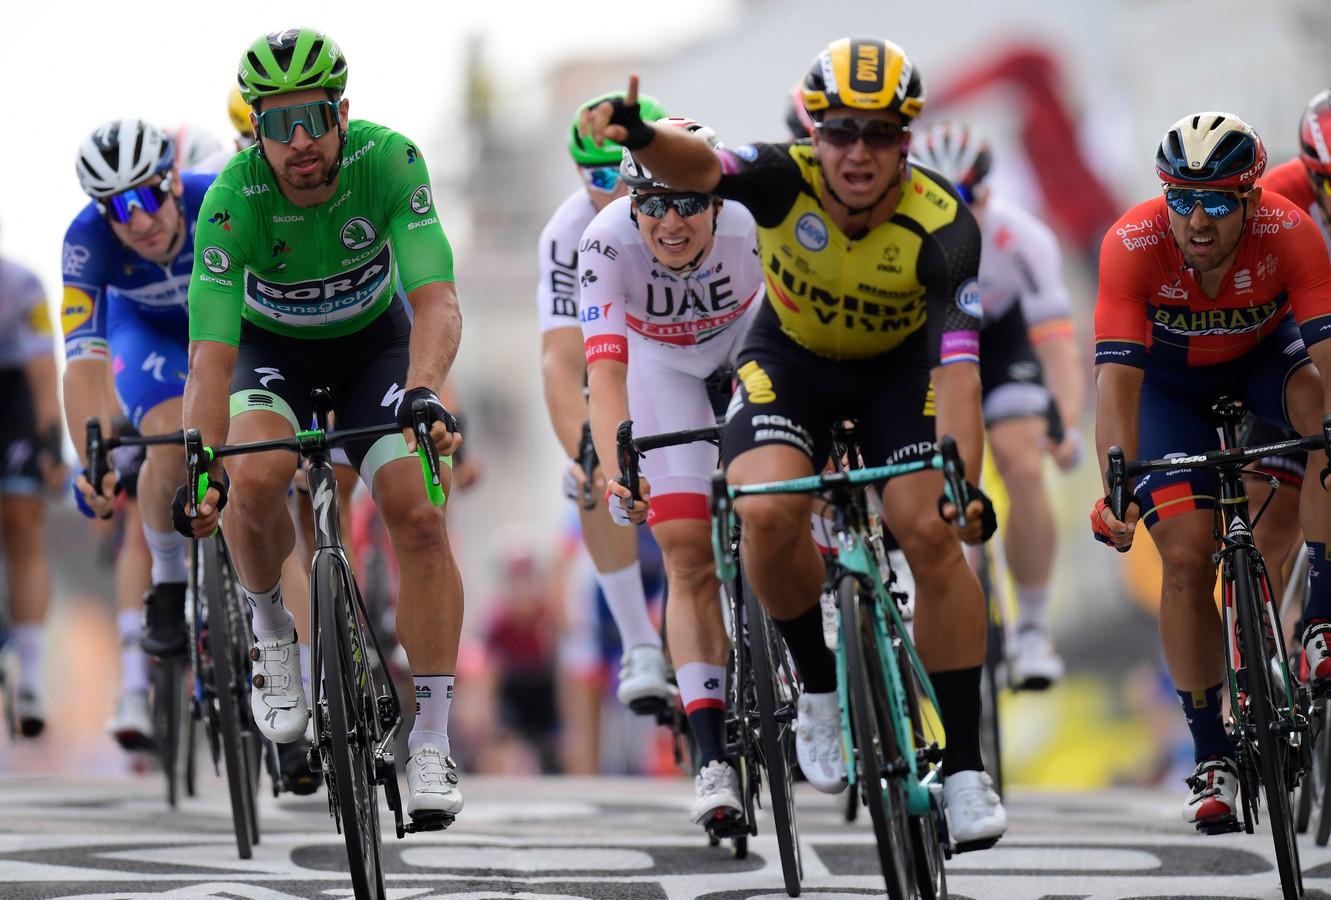 Een deel van de internationale sprinttop op één foto. Slechts de naam van het Belgische talent Jasper Philipsen (in het wit) komt niet voor in de ploeg van Lezerstourdagwinnaar Jinthe Lammerink uit Wierden.